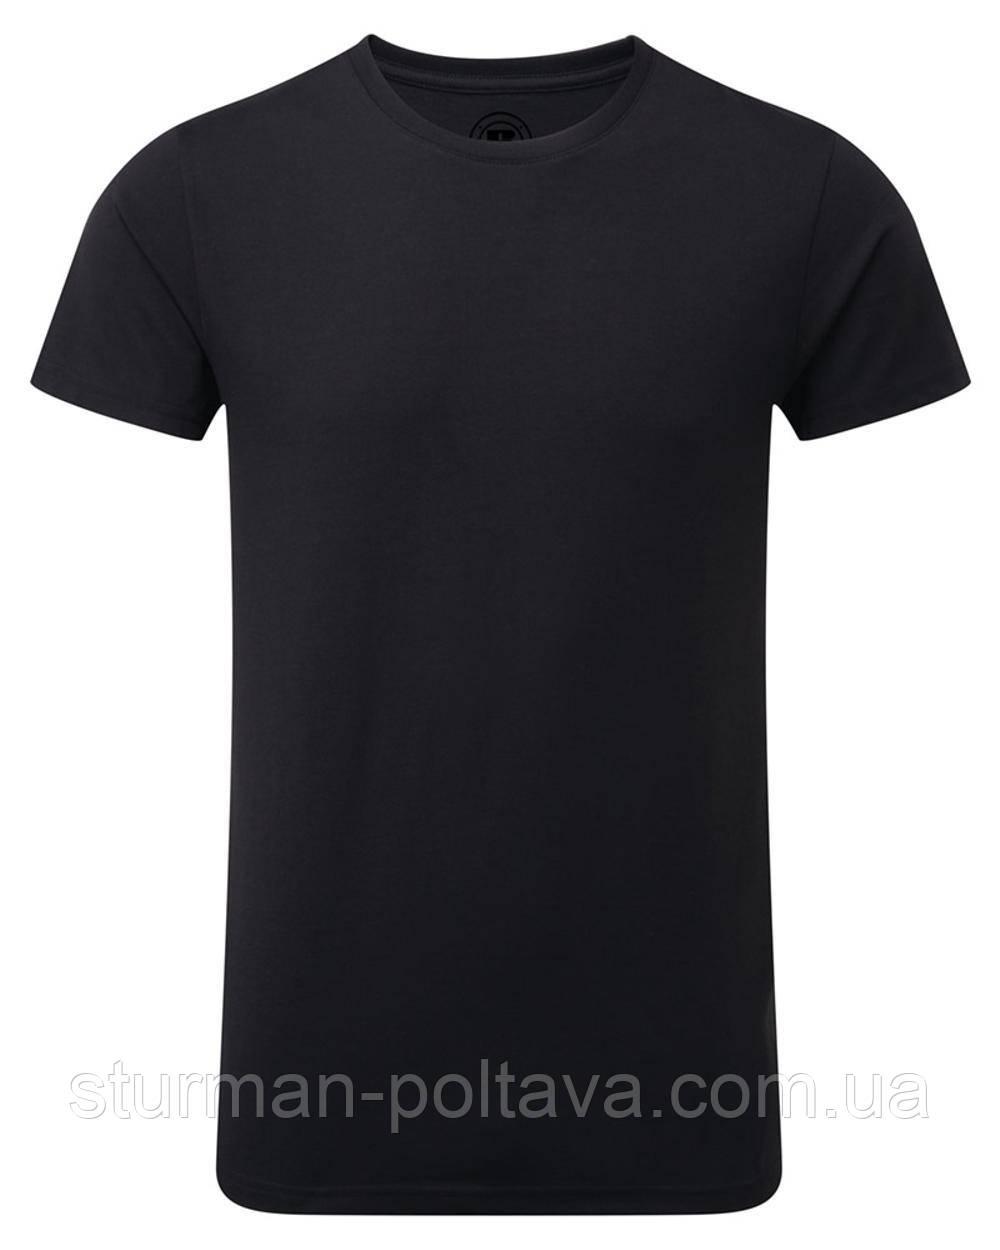 Футболка мужская  однотонная MFH черная плотность хлопка  180 g/m² Германия